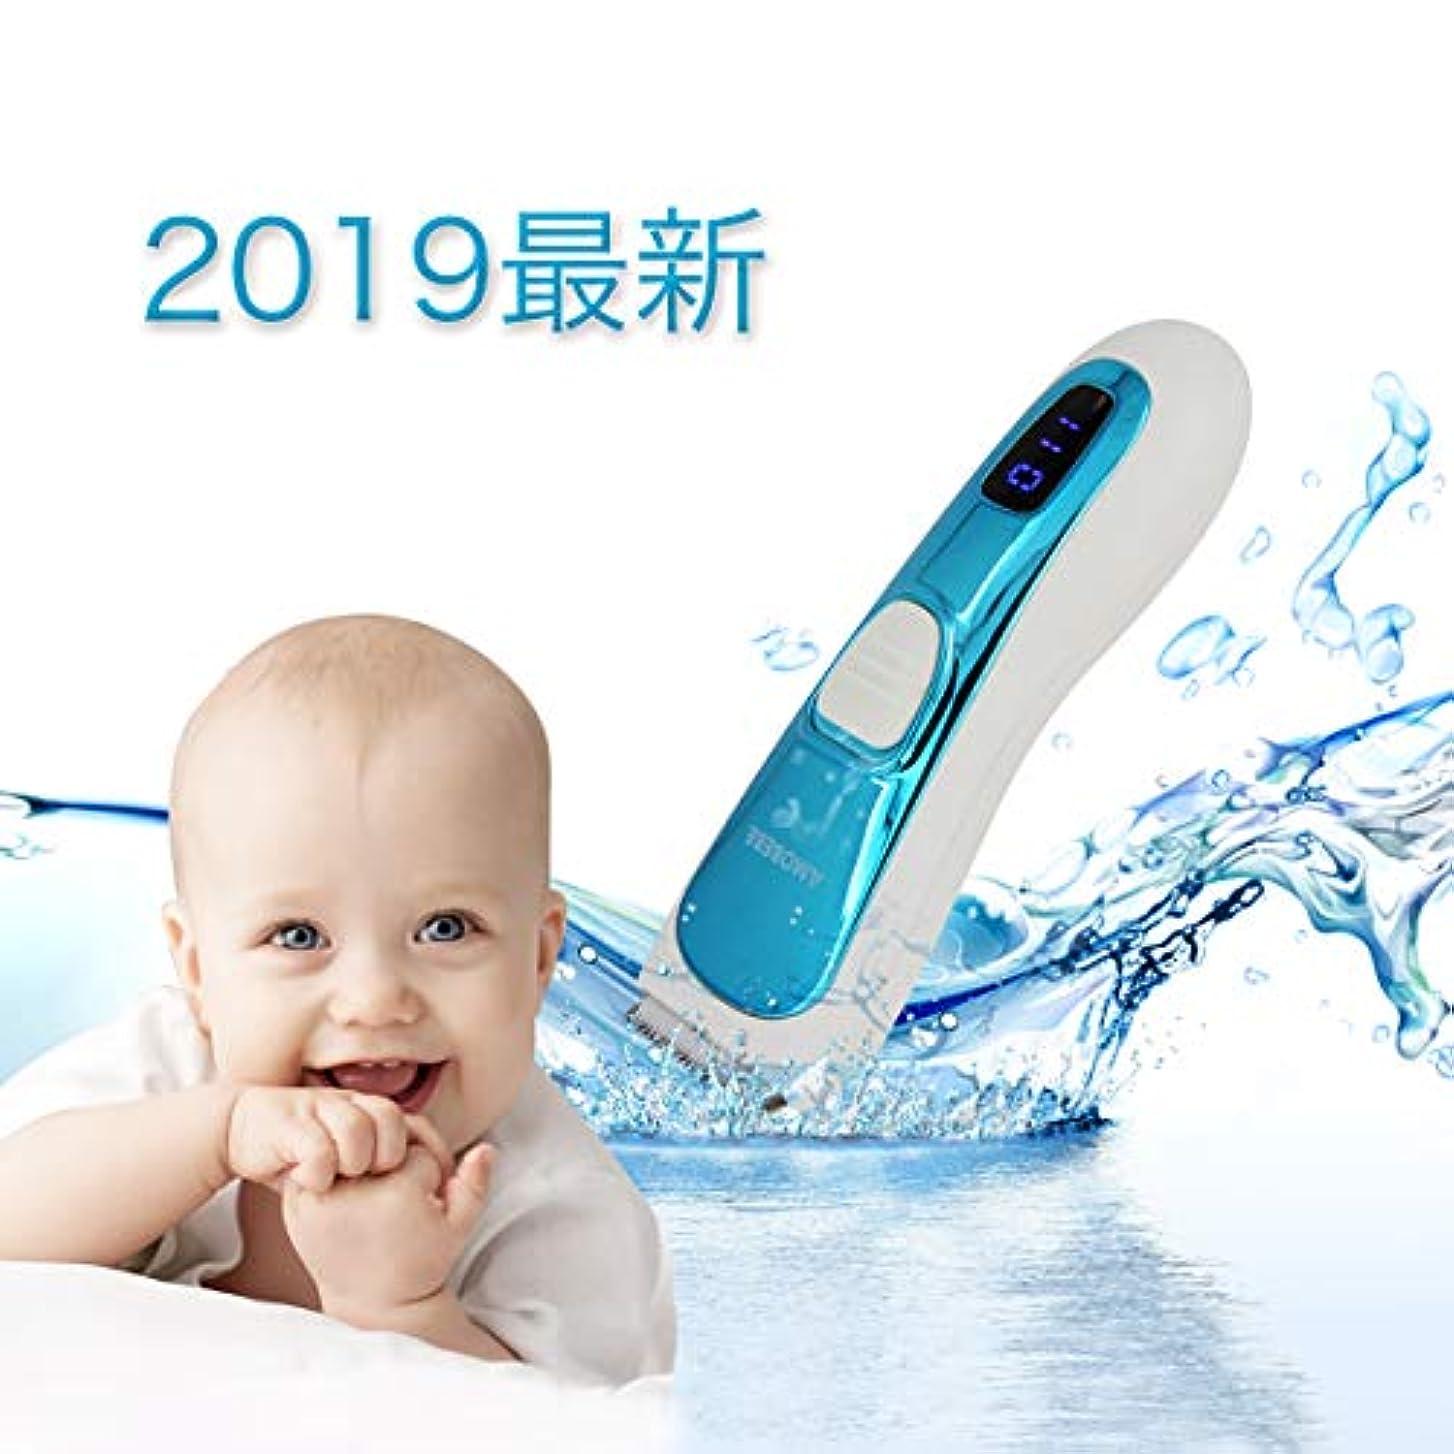 何ねじれ欲しいですAMOBEBE 子供バリカン こども用 散髪 防水 充電 LED液晶 日本語説明書付き PSE証明書を持つアダプタを 含めて